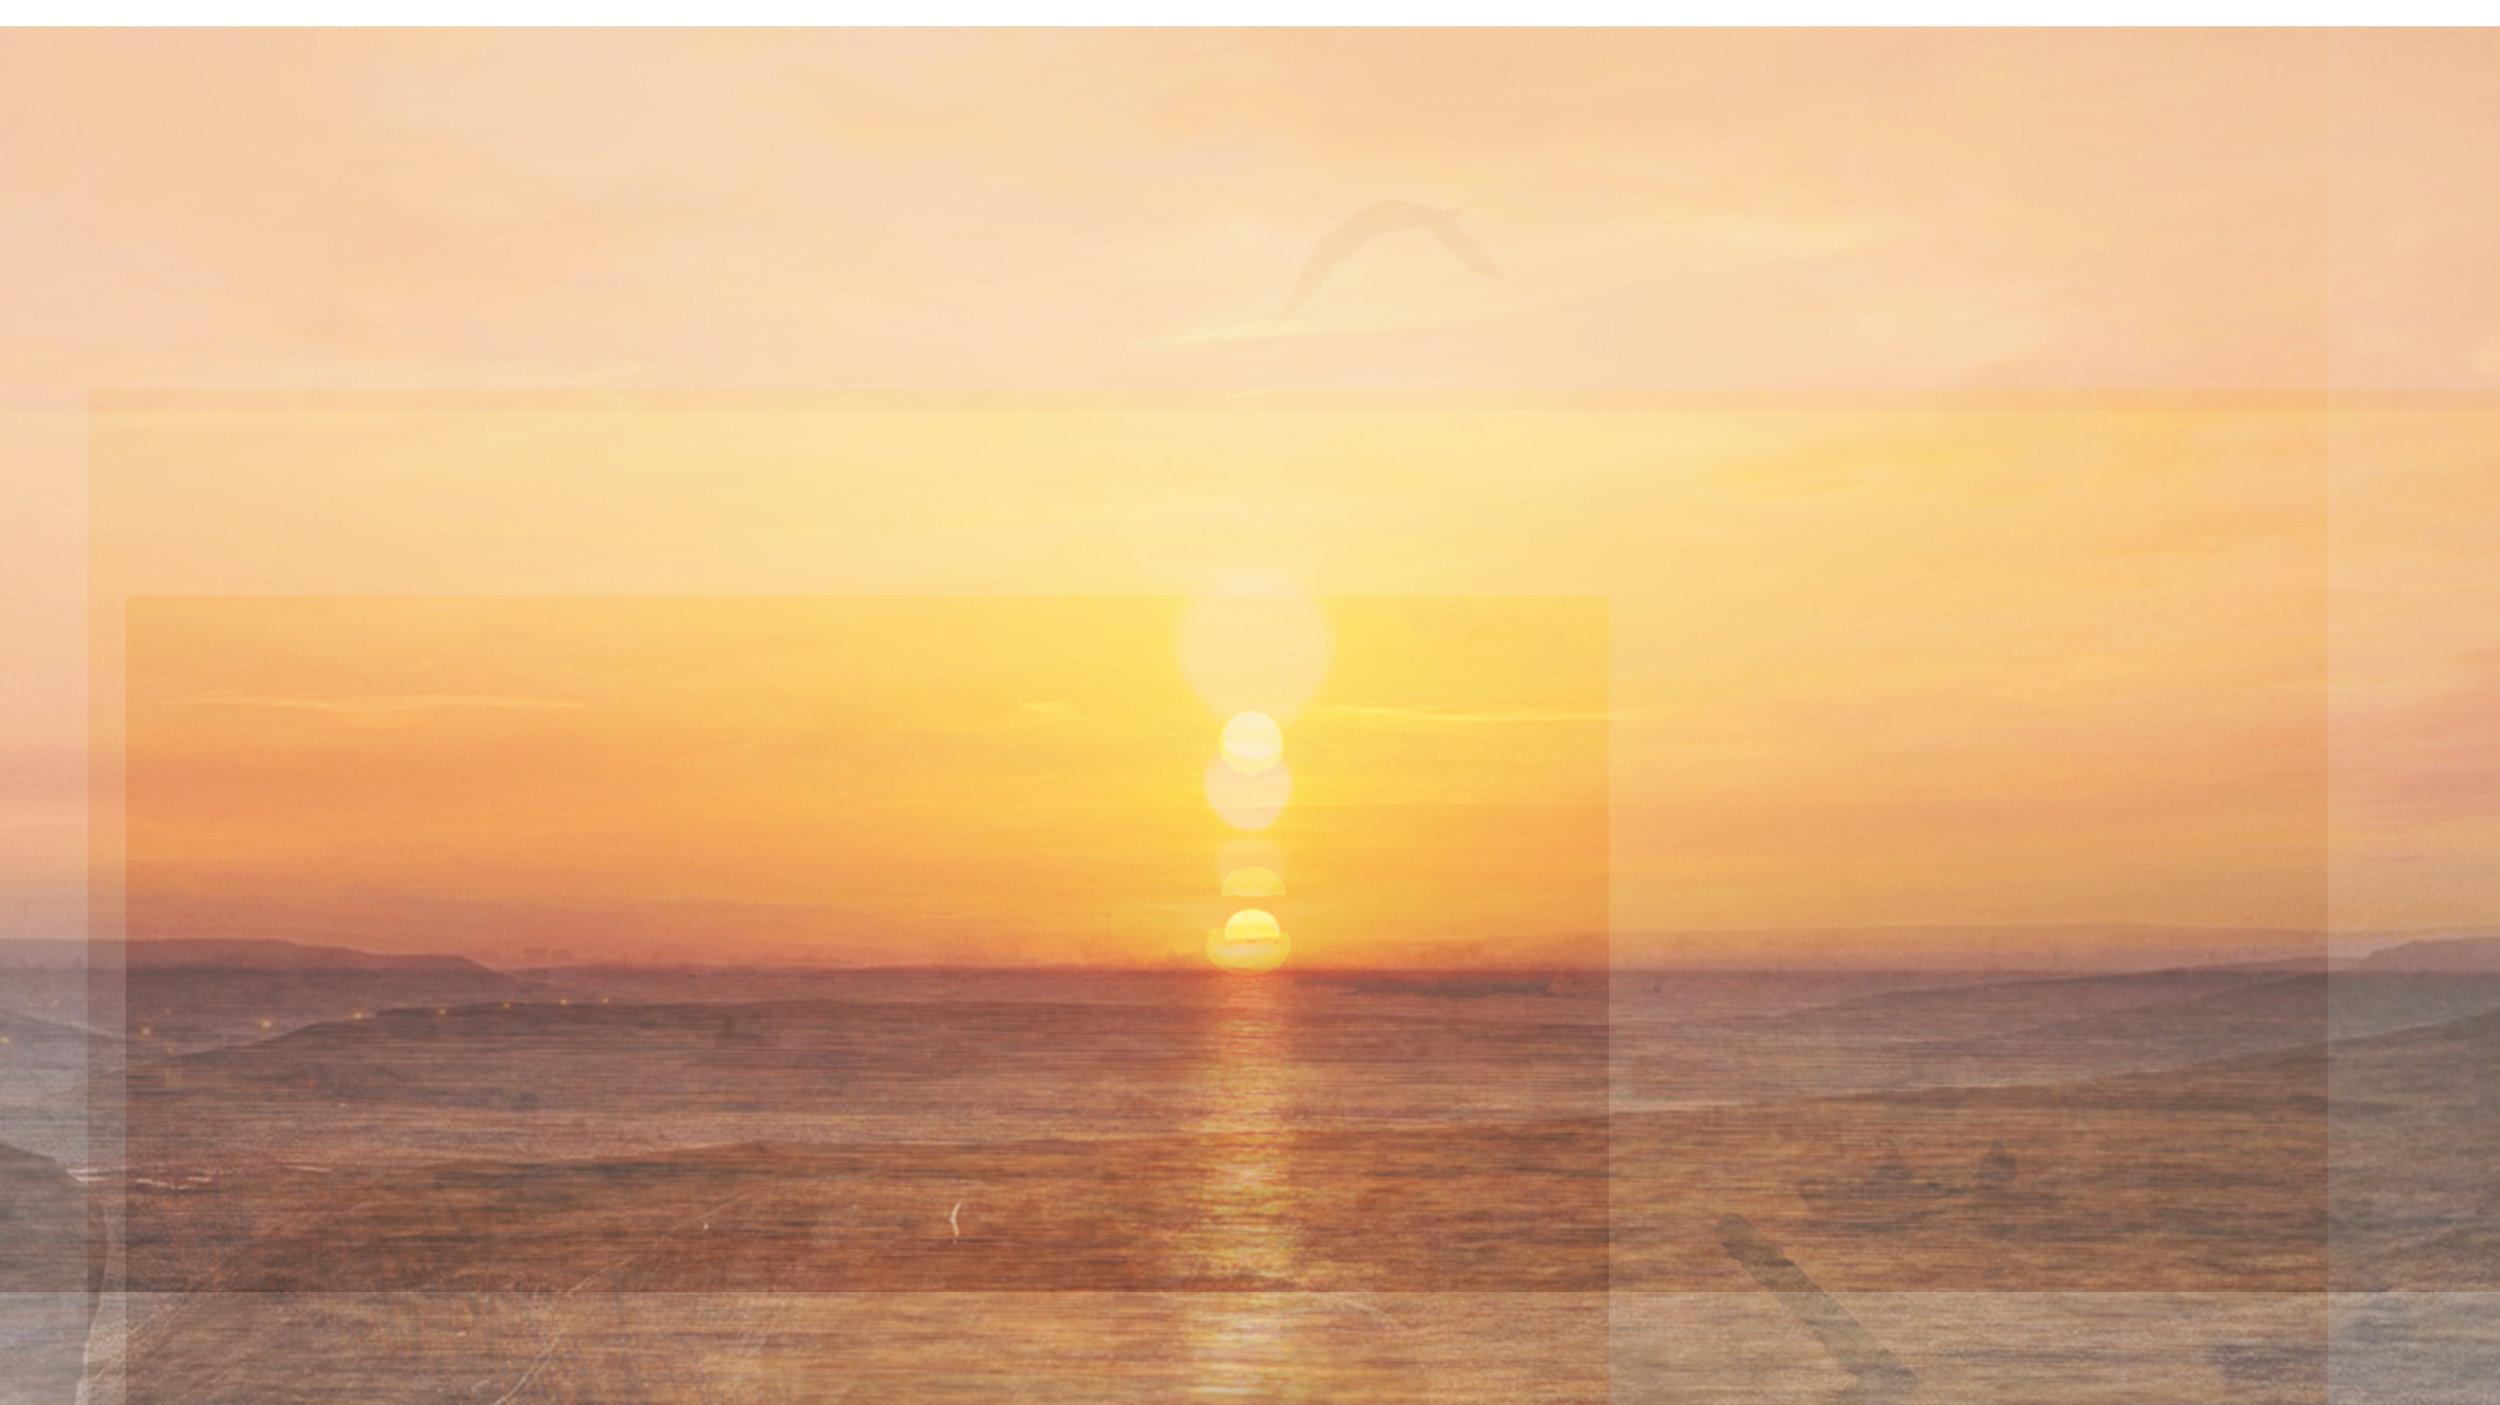 黄永生,《印象.黃昏》 ,选自《刺眼的黑色》系列,2018年。单频录像,彩色。图片由艺术家提供。